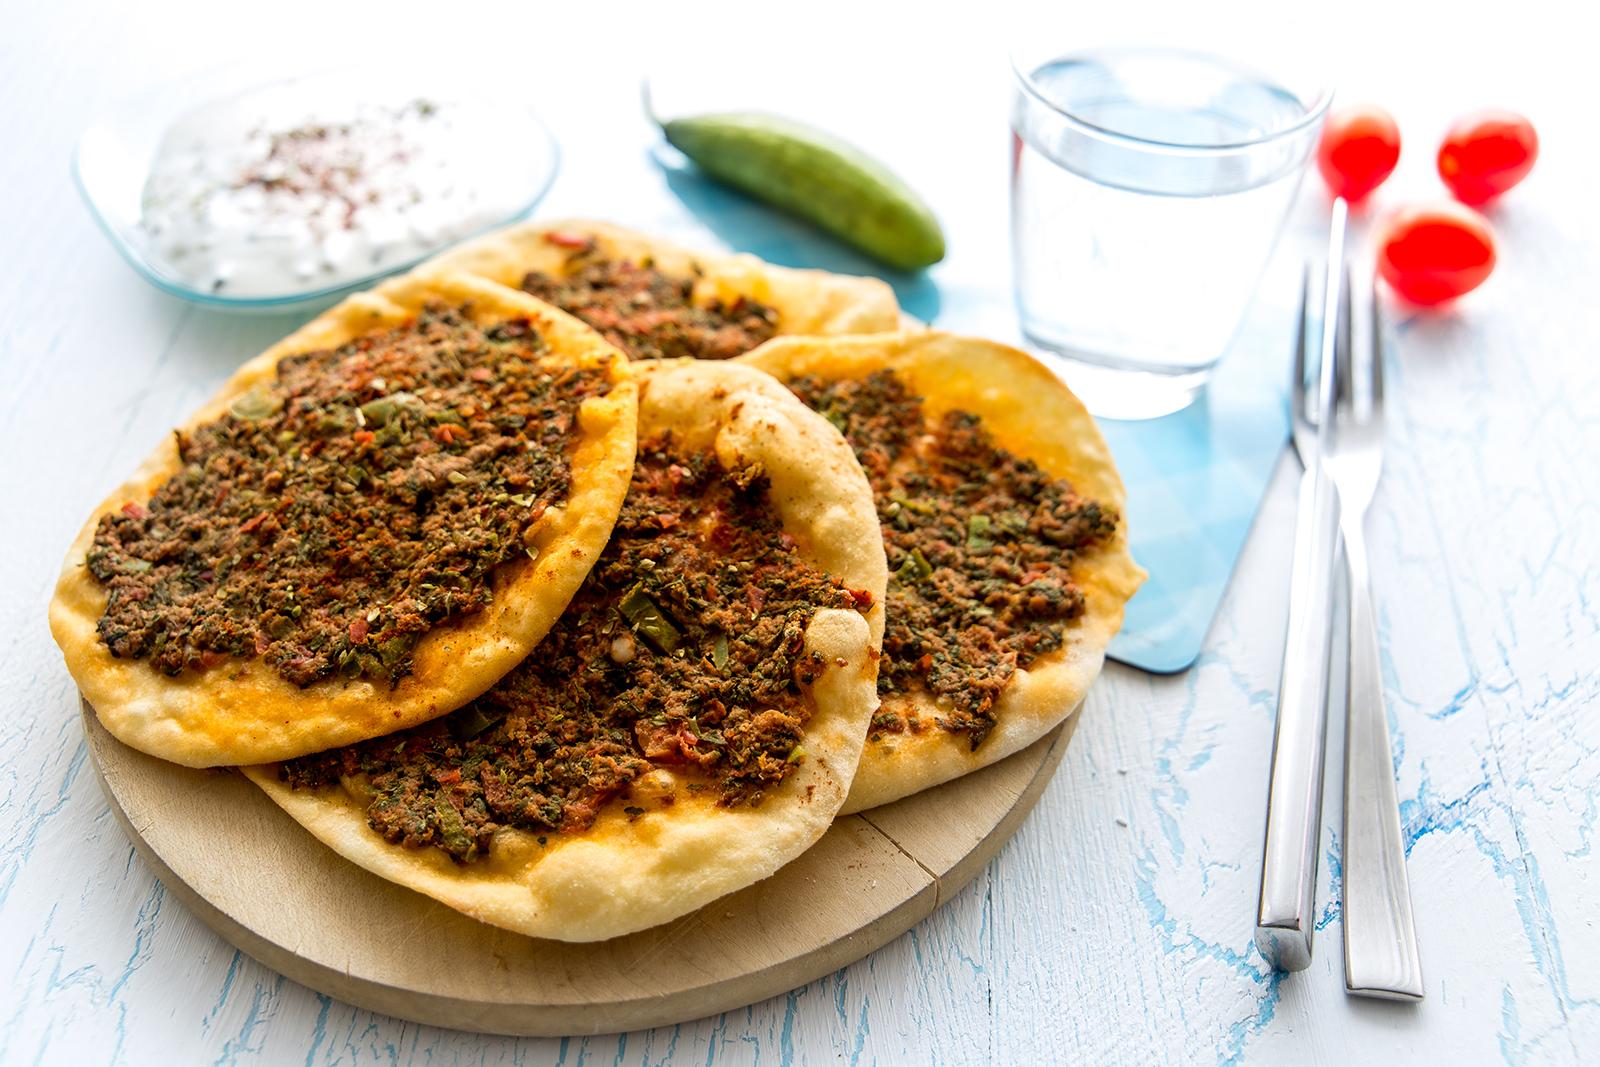 Food-Fotografie-Speisenfotografie-Gastronomie-Fotoshooting-Restaurant - DNZ Networks